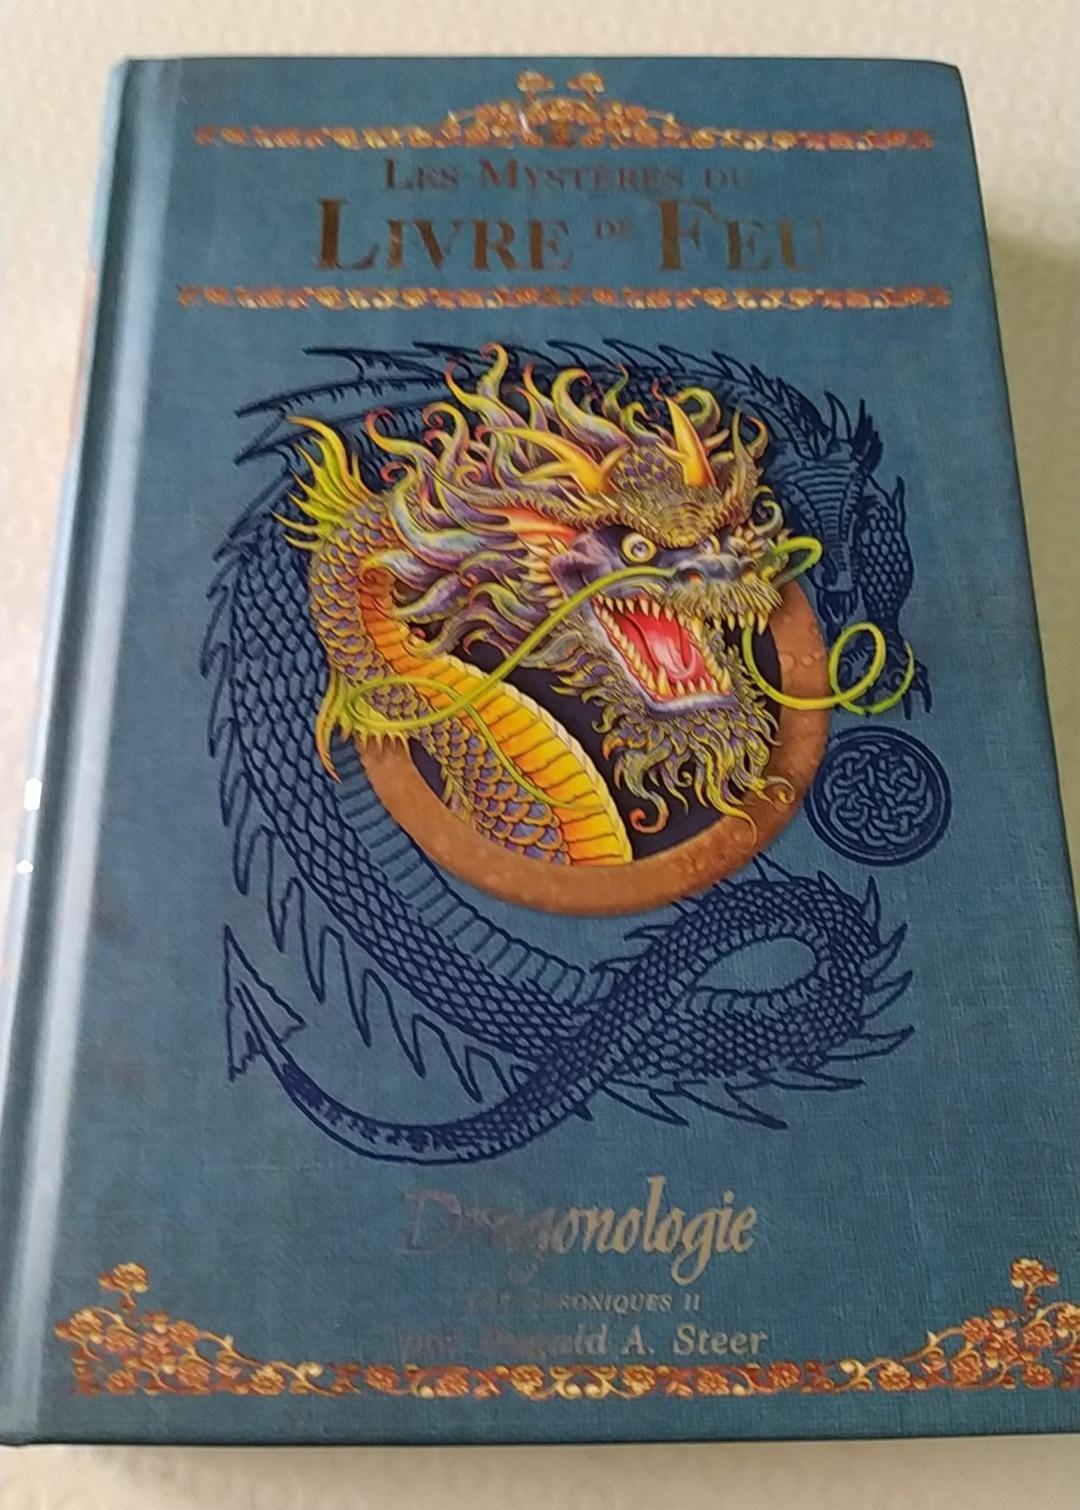 troc de troc donne deux romans de dragonologie image 1